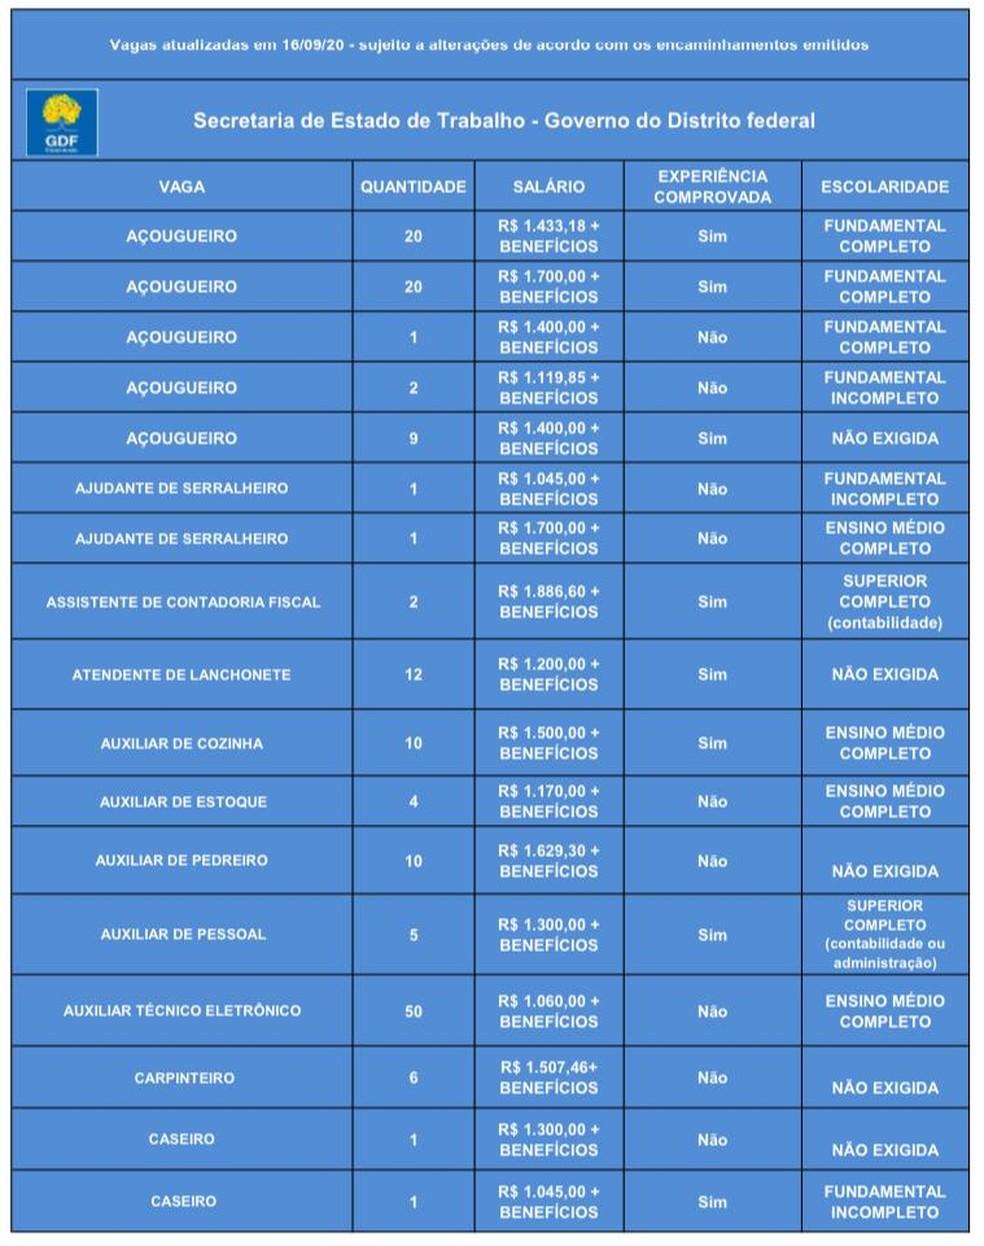 Oportunidades de emprego da Agência do Trabalhador em 17 de setembro de 2020 — Foto: GDF/Divulgação